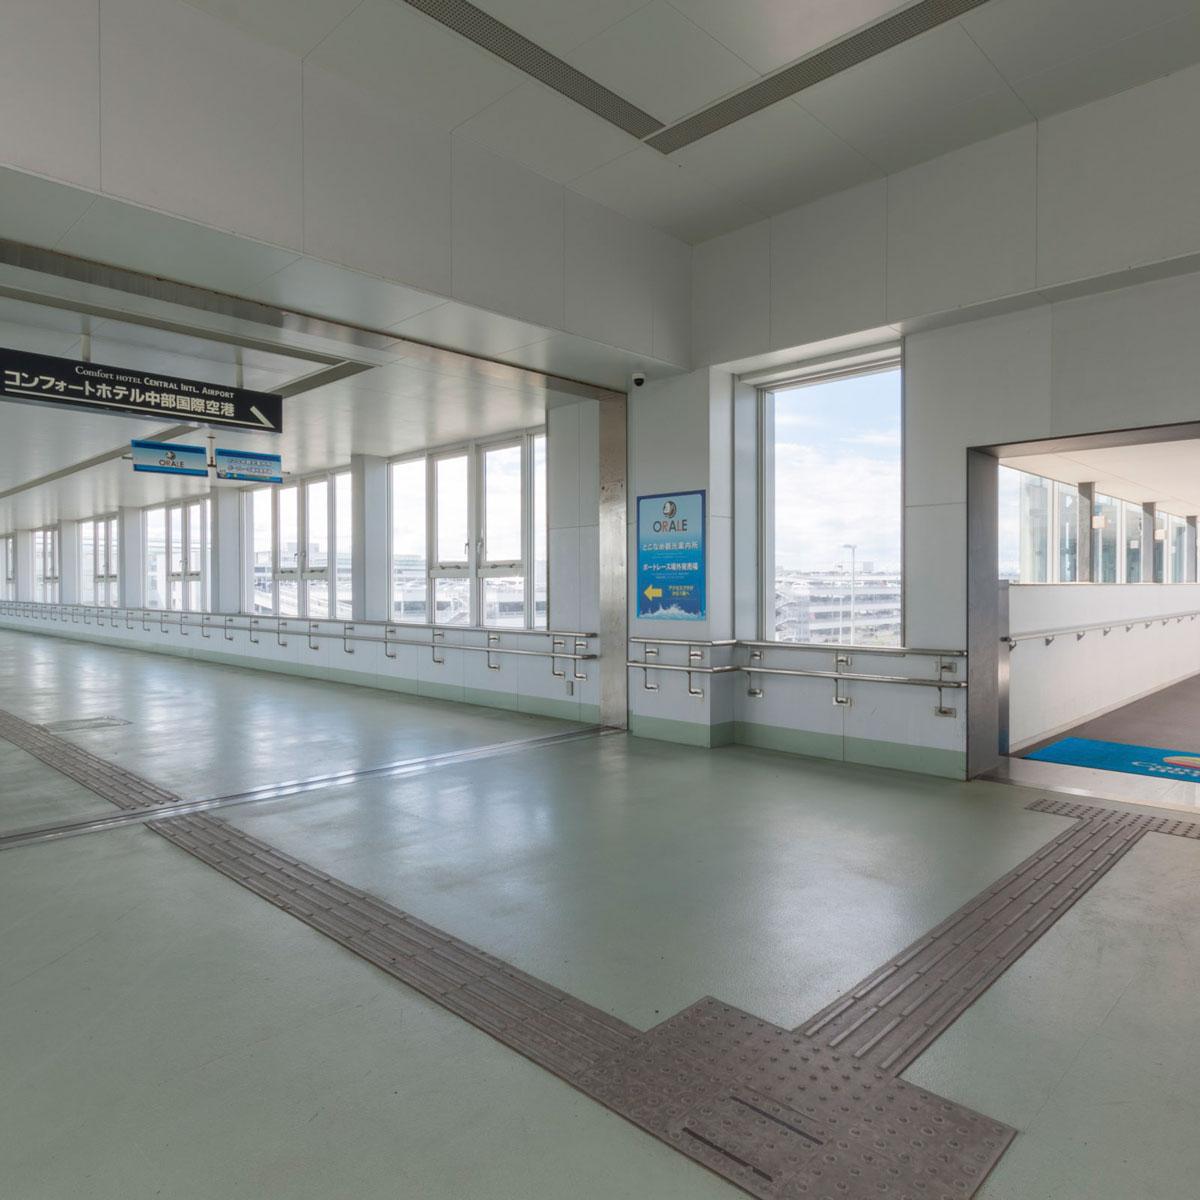 中部国際空港と直結で便利